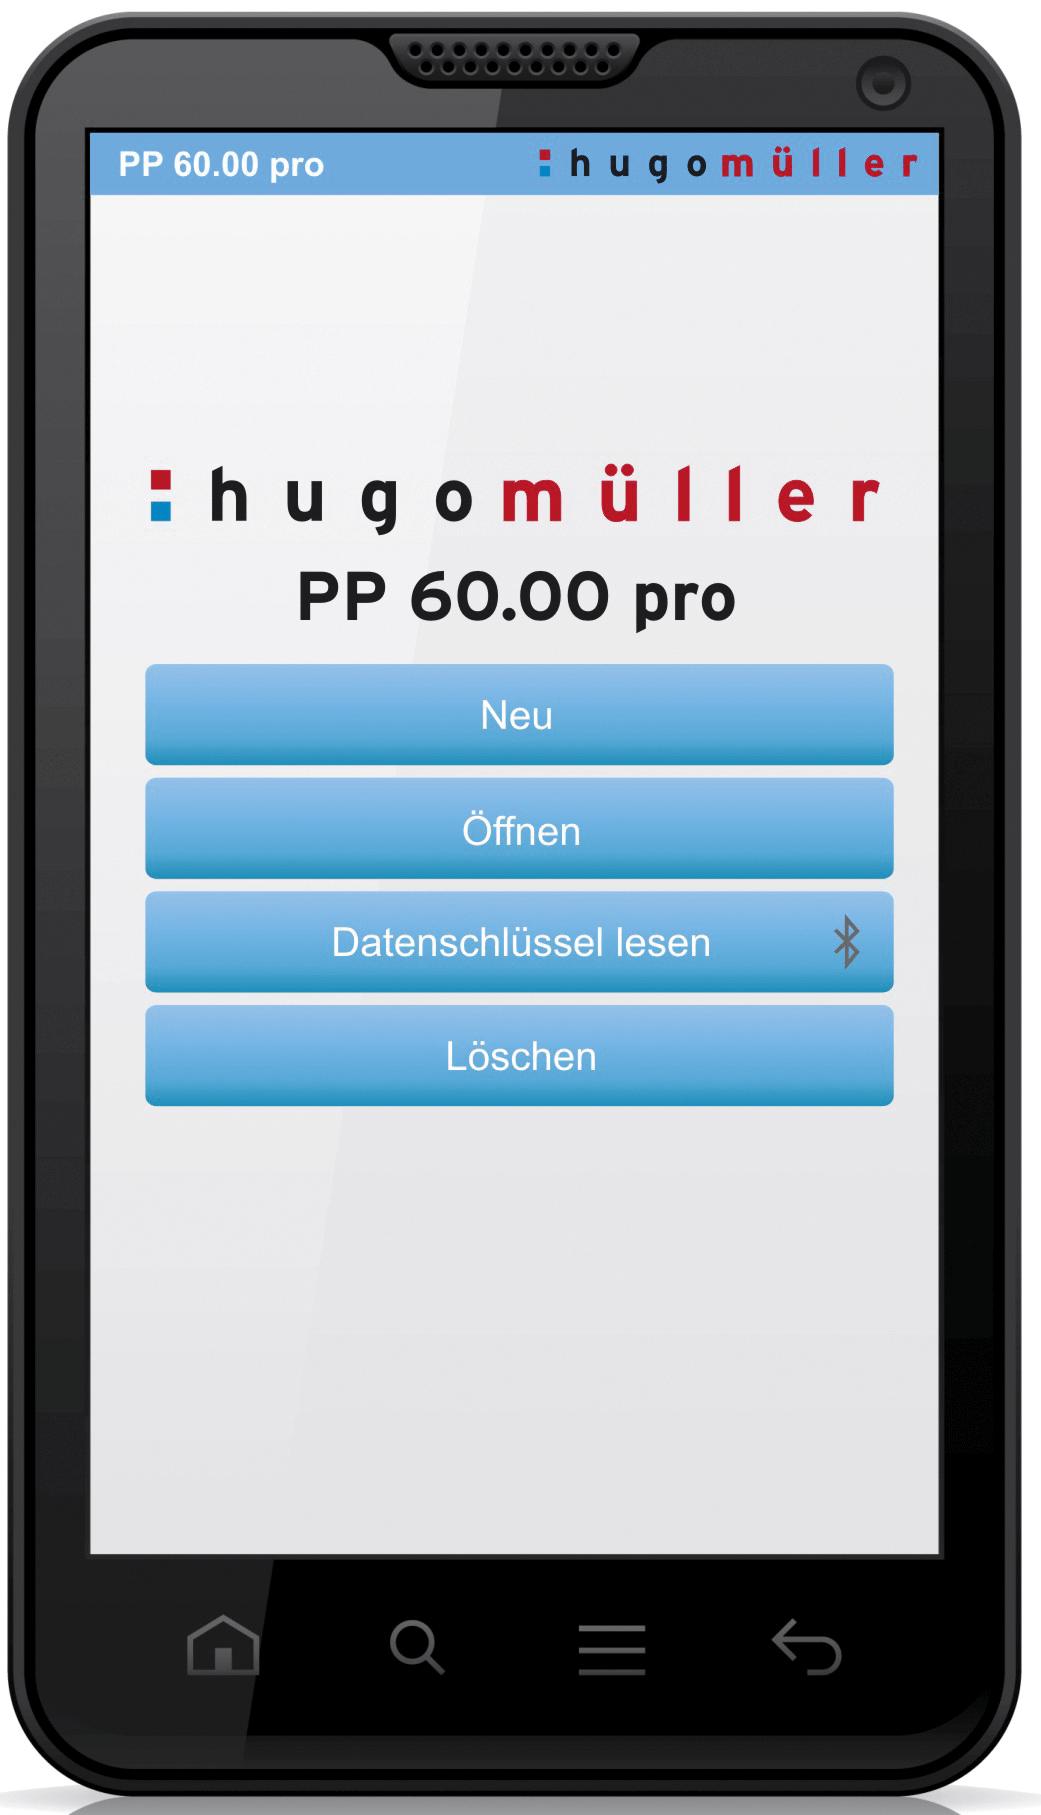 https://cdn-reichelt.de/bilder/web/xxl_ws/D710/HM_PP60.png